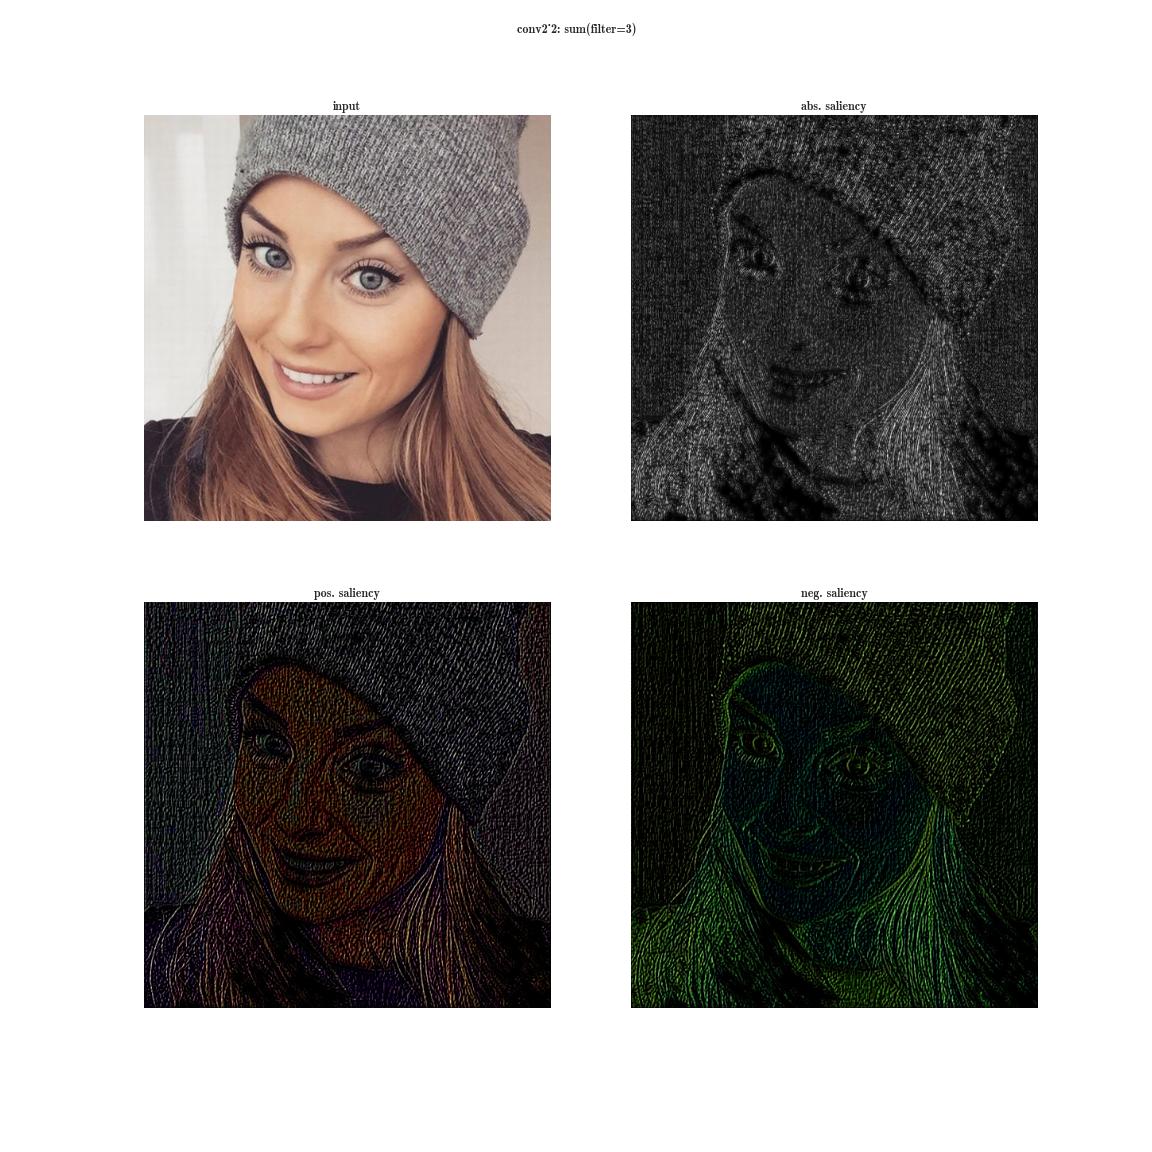 Стилизация изображений с помощью нейронных сетей: никакой мистики, просто матан - 23